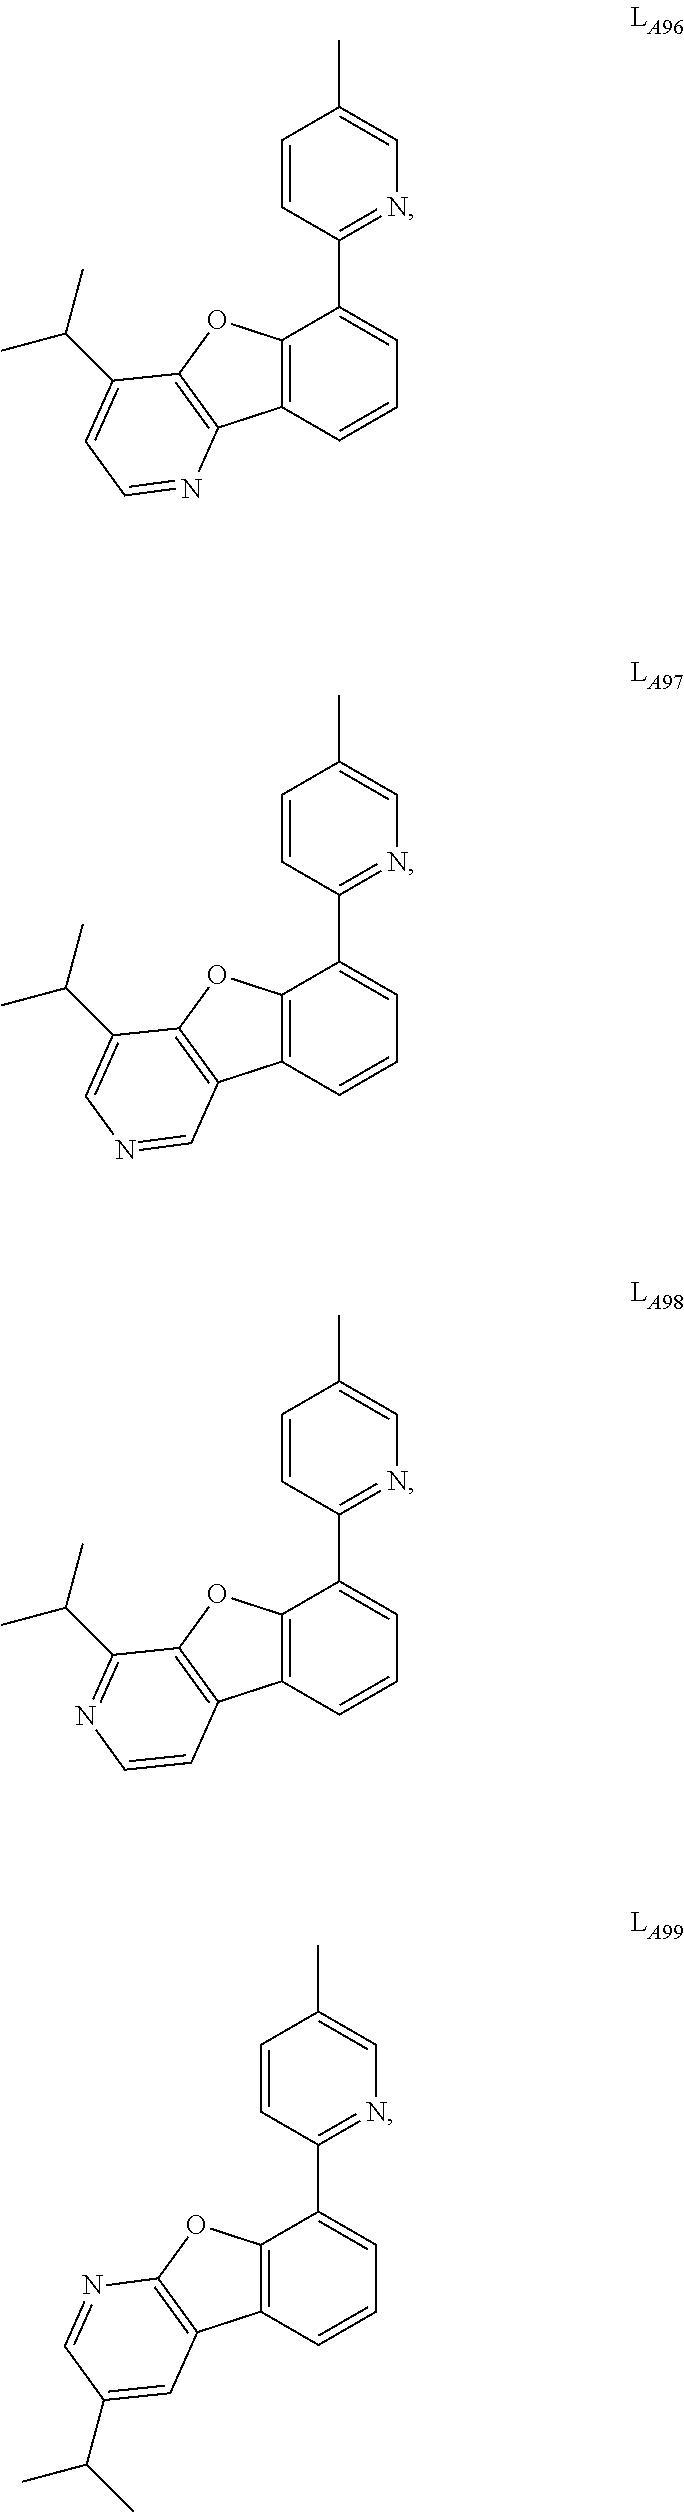 Figure US09634264-20170425-C00071